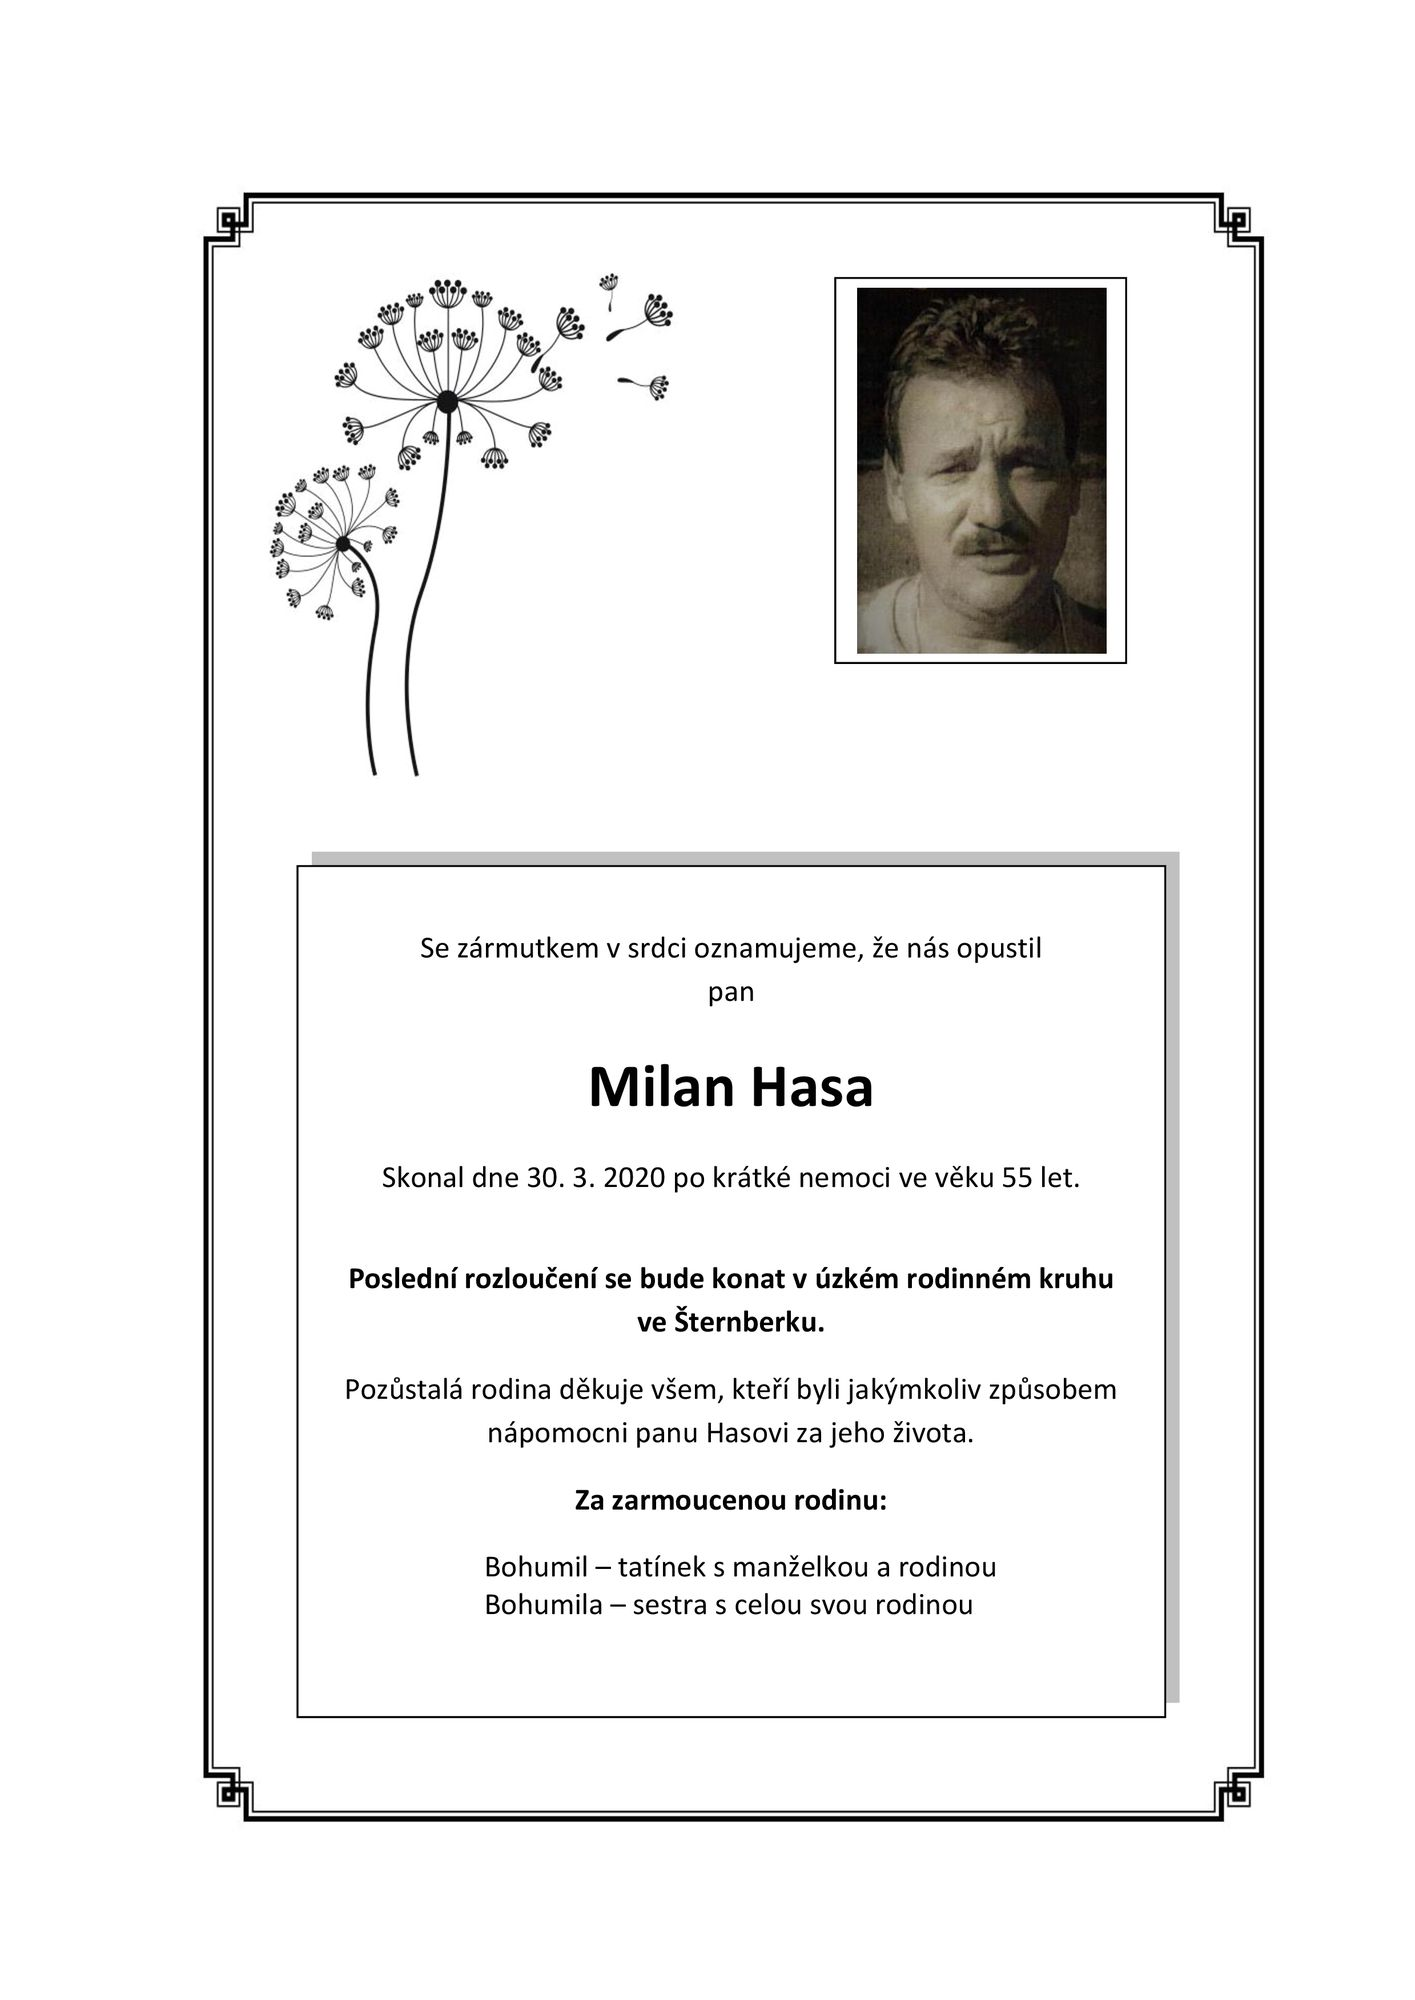 Milan Hasa